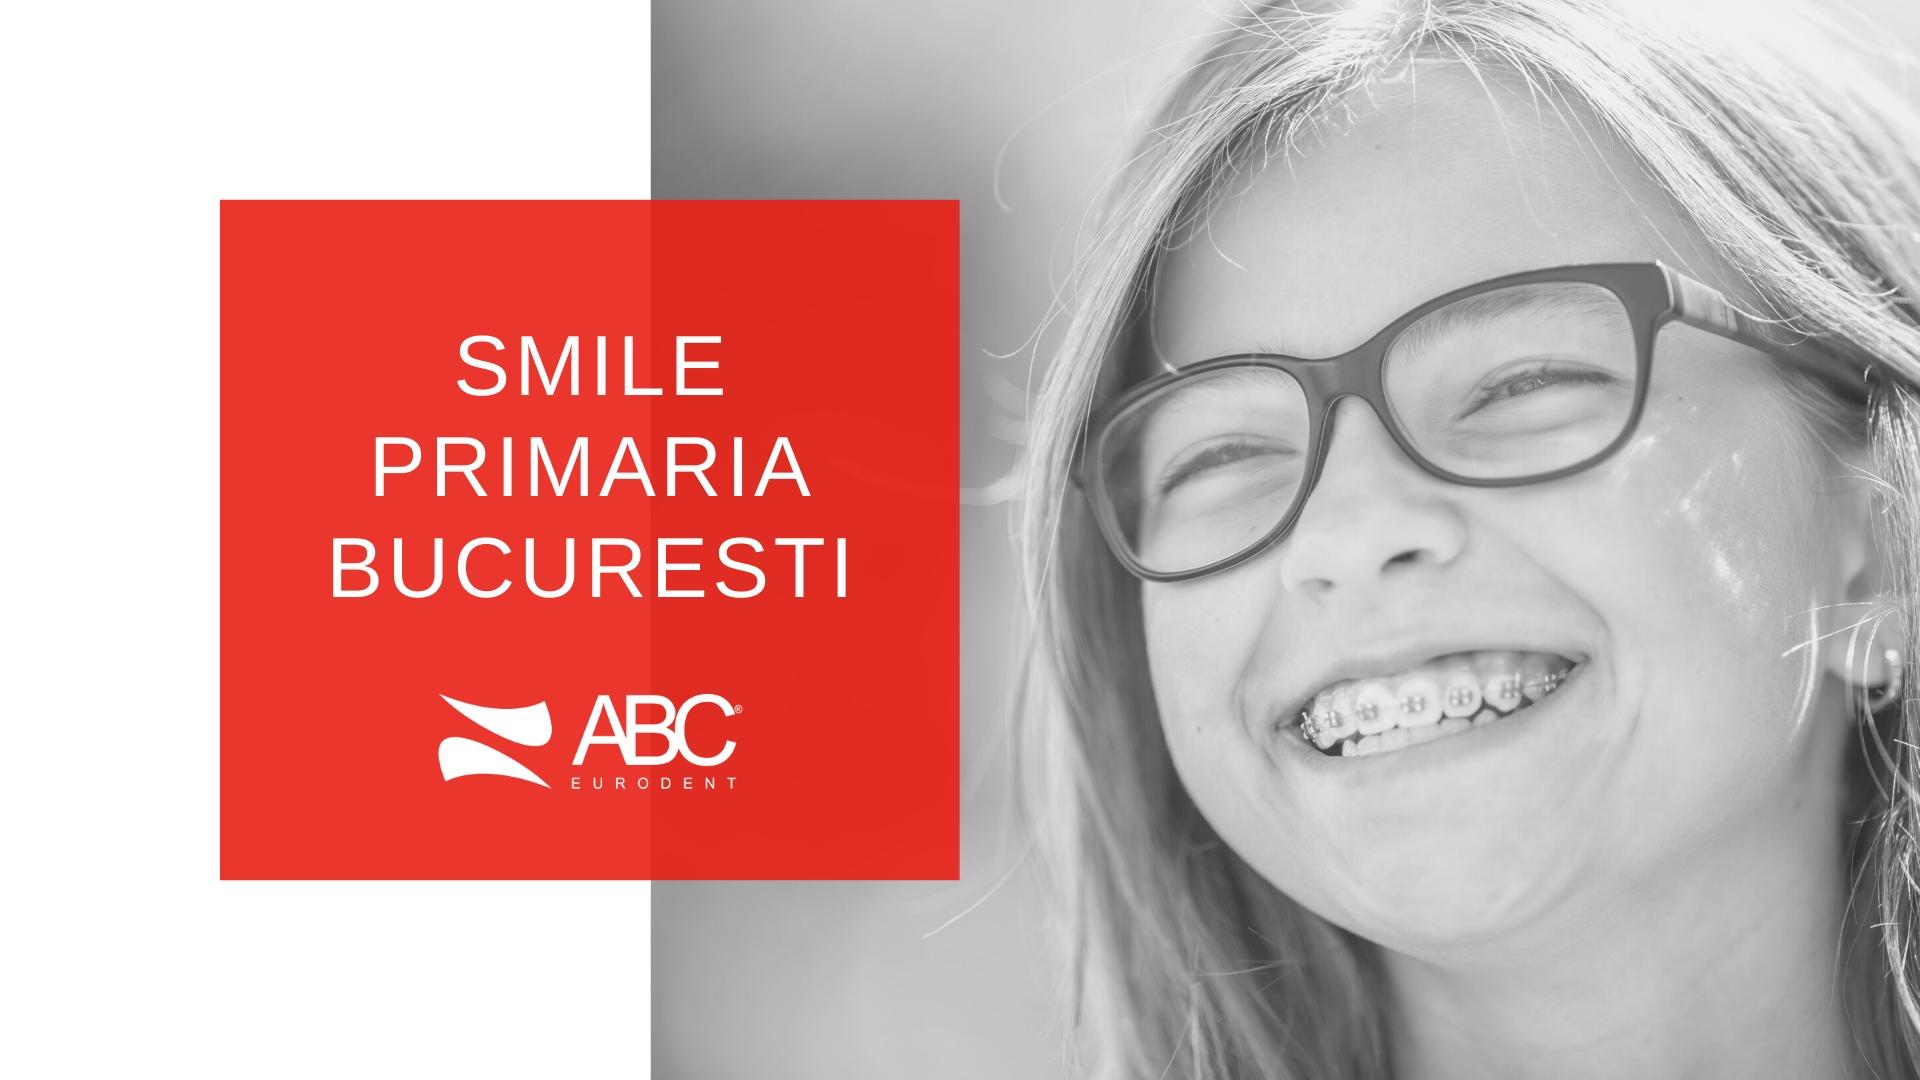 abceurodent smile primaria bucuresti